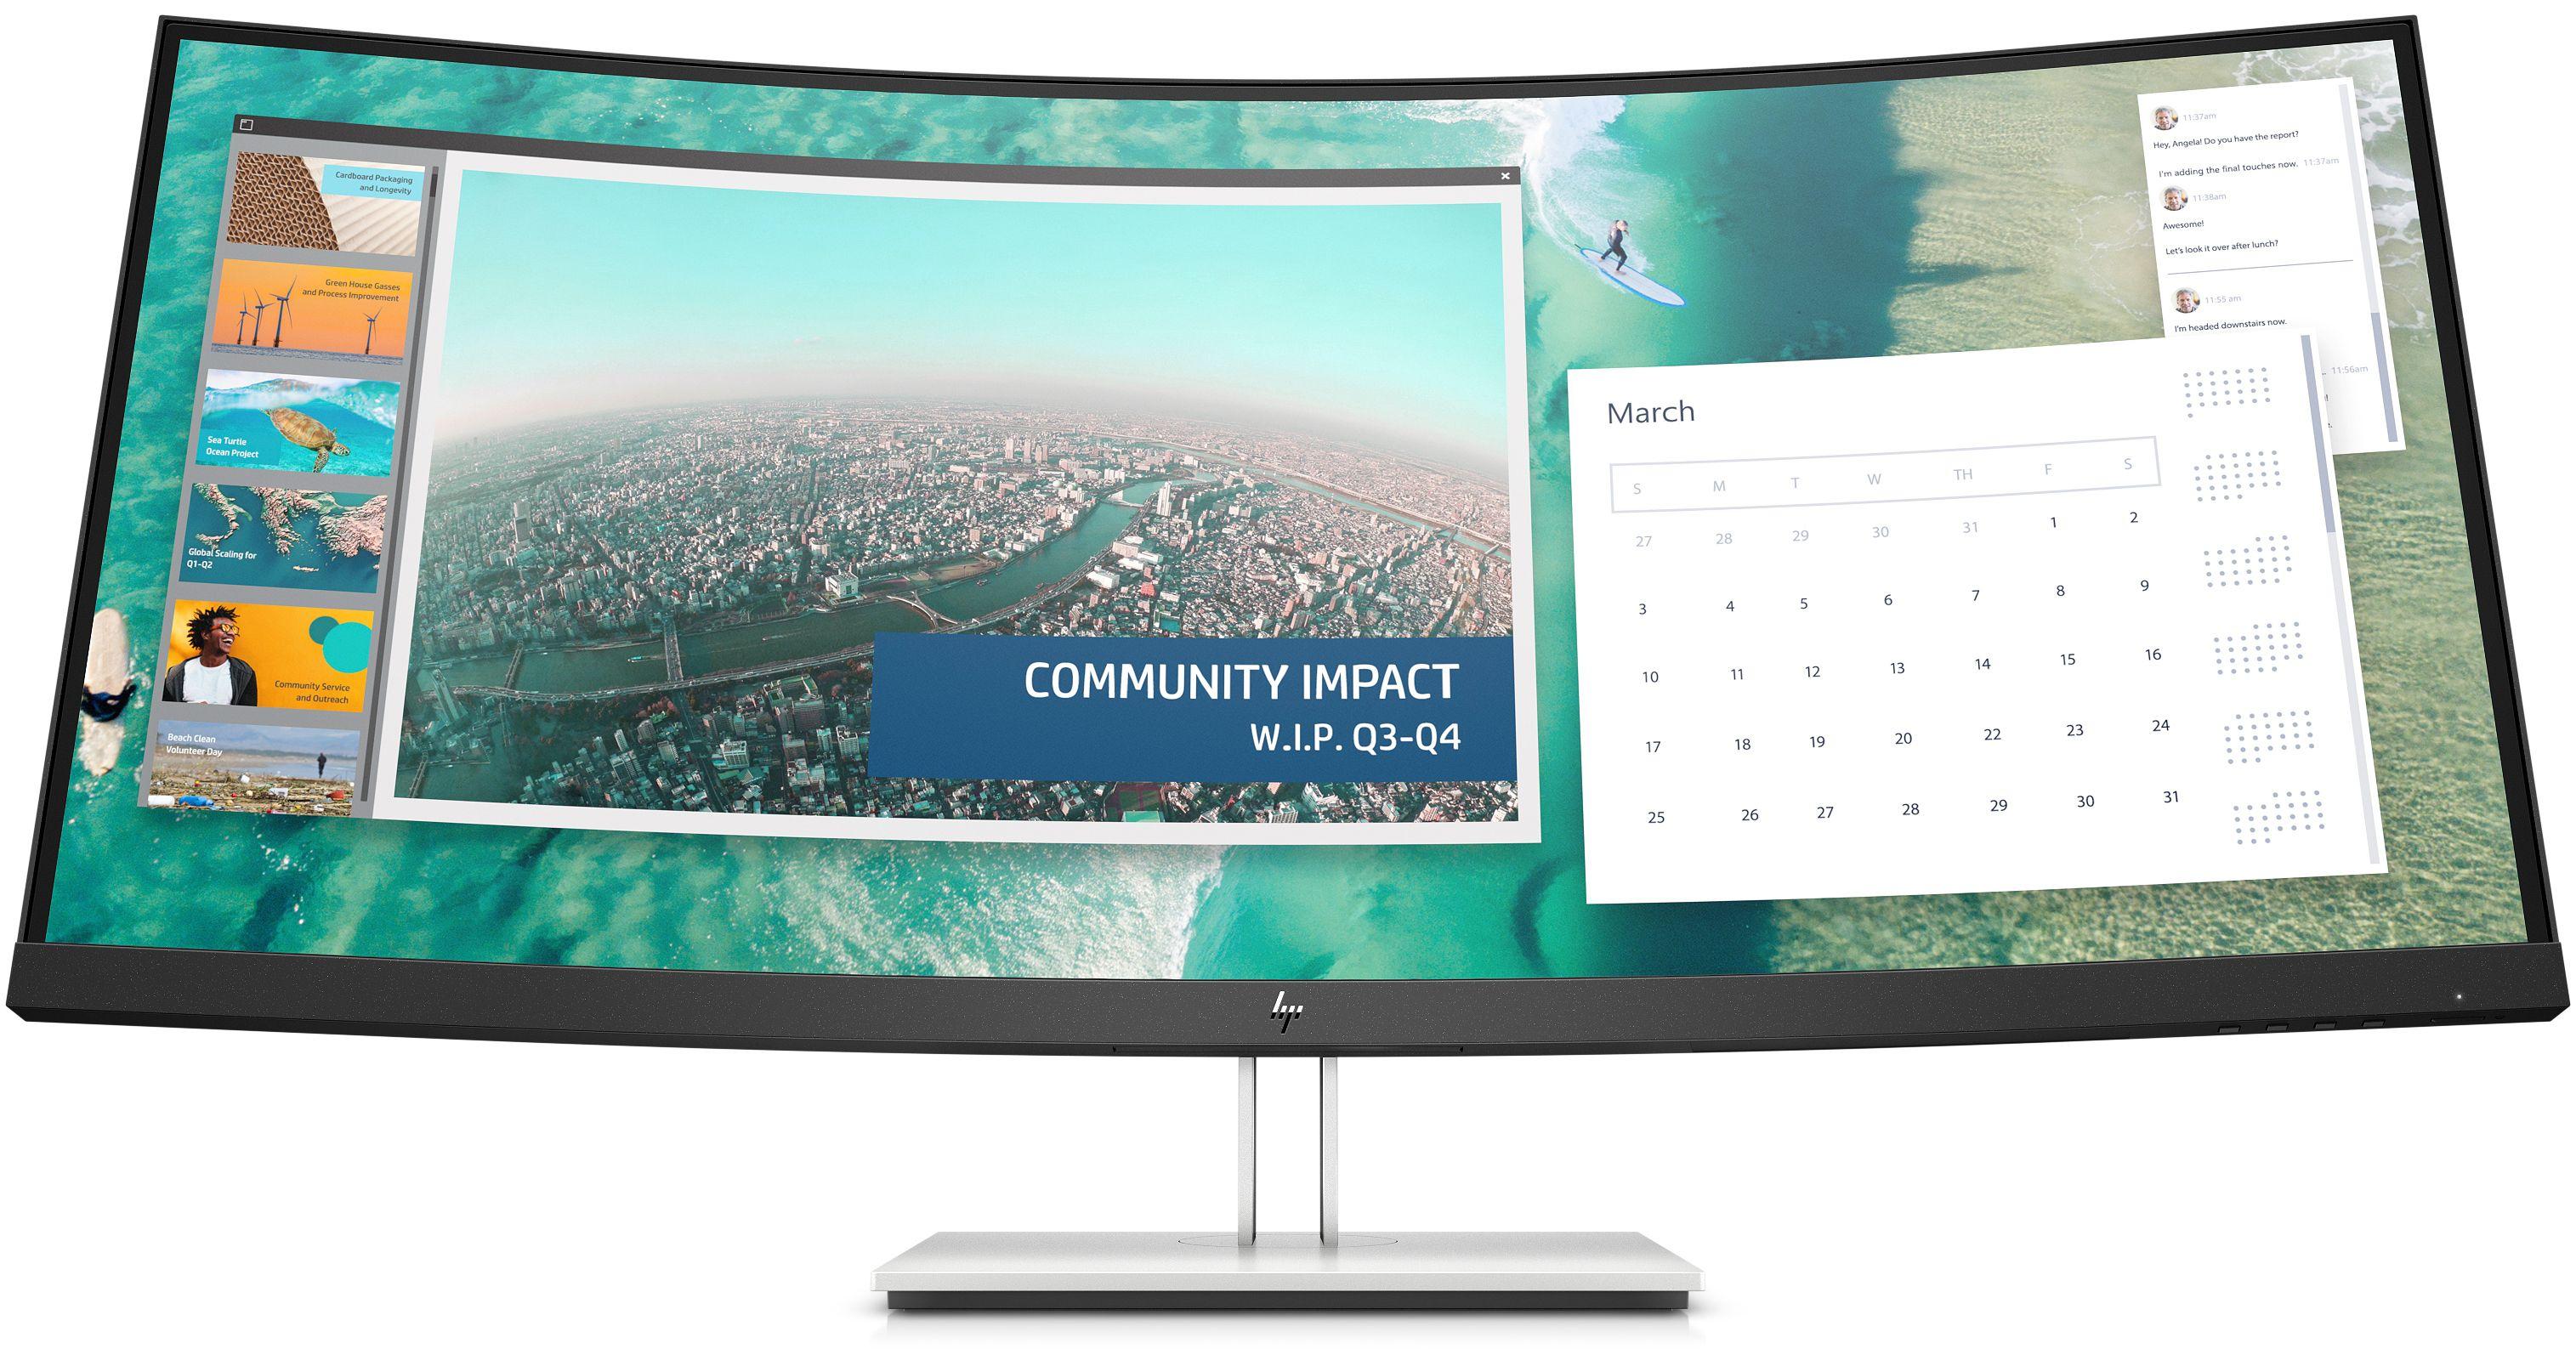 """[Vorbestellung] HP E344c Monitor (34"""", VA, Curved, 3440x1440, 400cd/m², 8bit, 60Hz, 99.5% sRGB, HDMI, DP, USB-C mit DP & 22.5W PD)"""